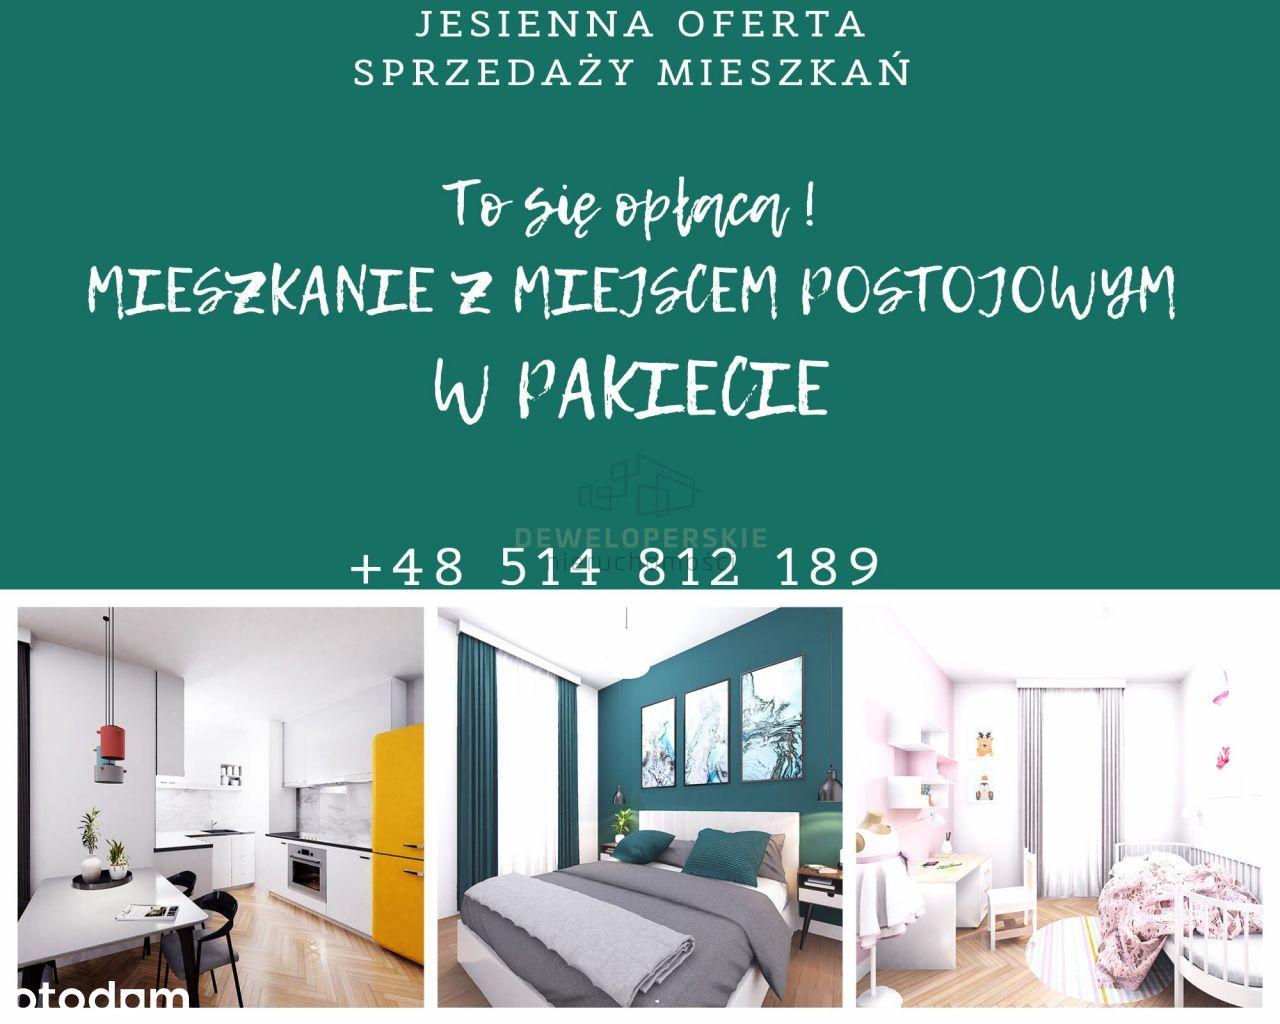 Mieszkanie W Pakiecie Oszczedzasz - Aż Do 30.000Zł